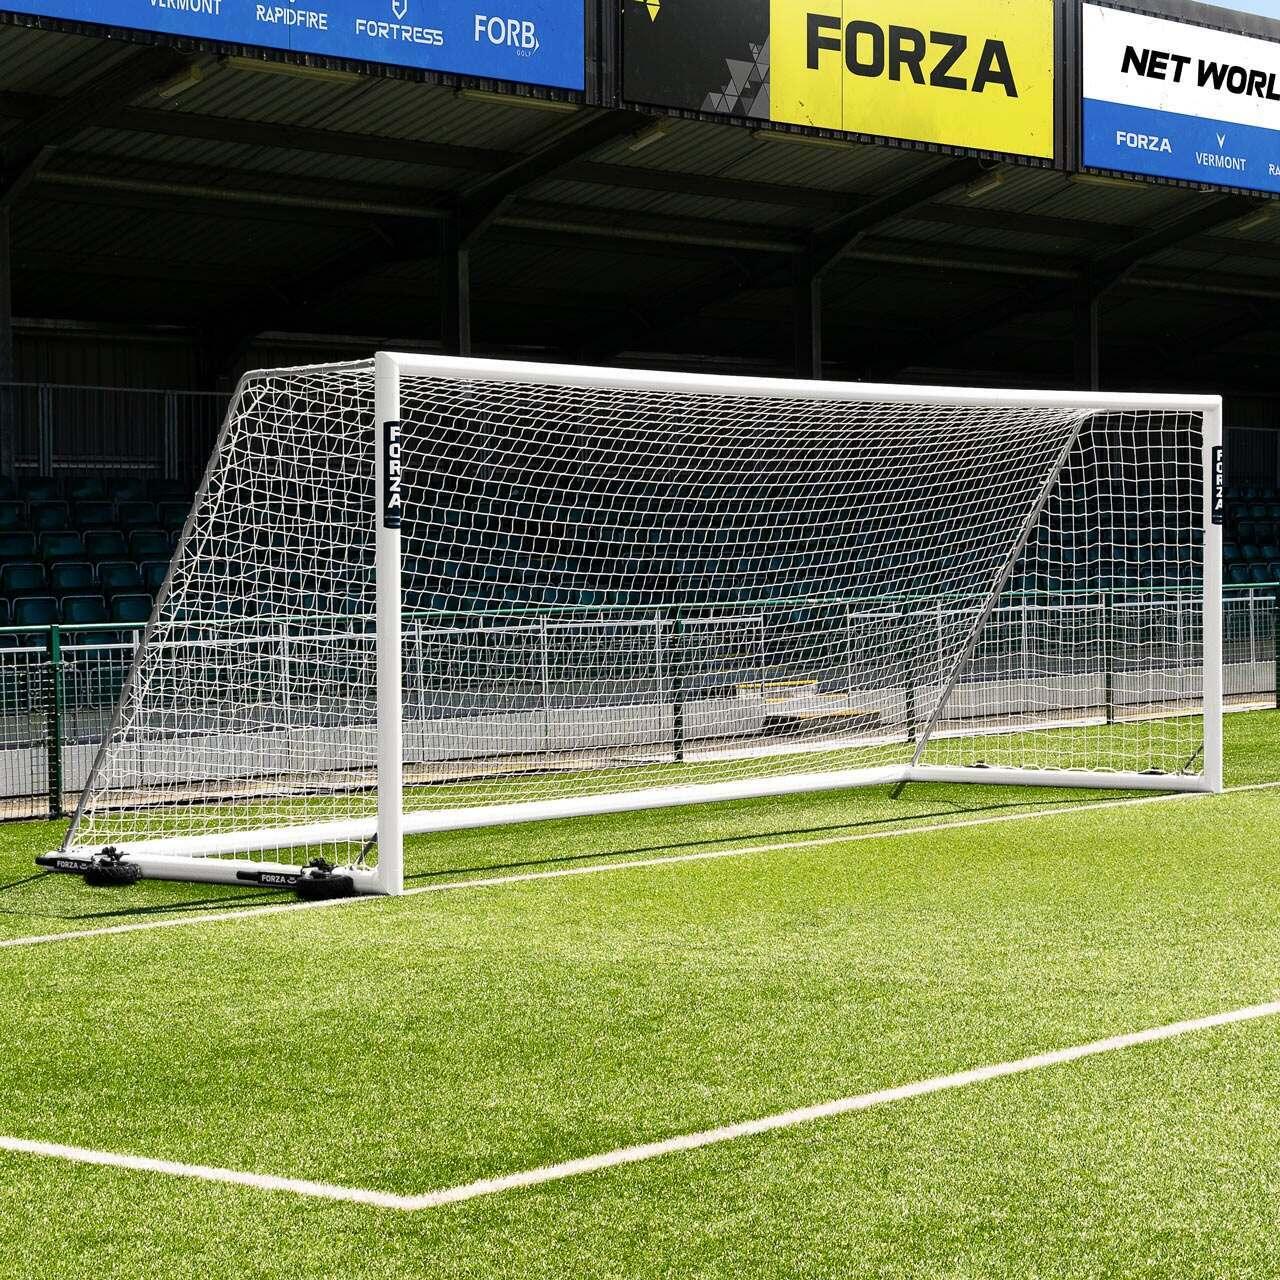 24 x 8 FORZA Alu110 Freestanding Soccer Goal